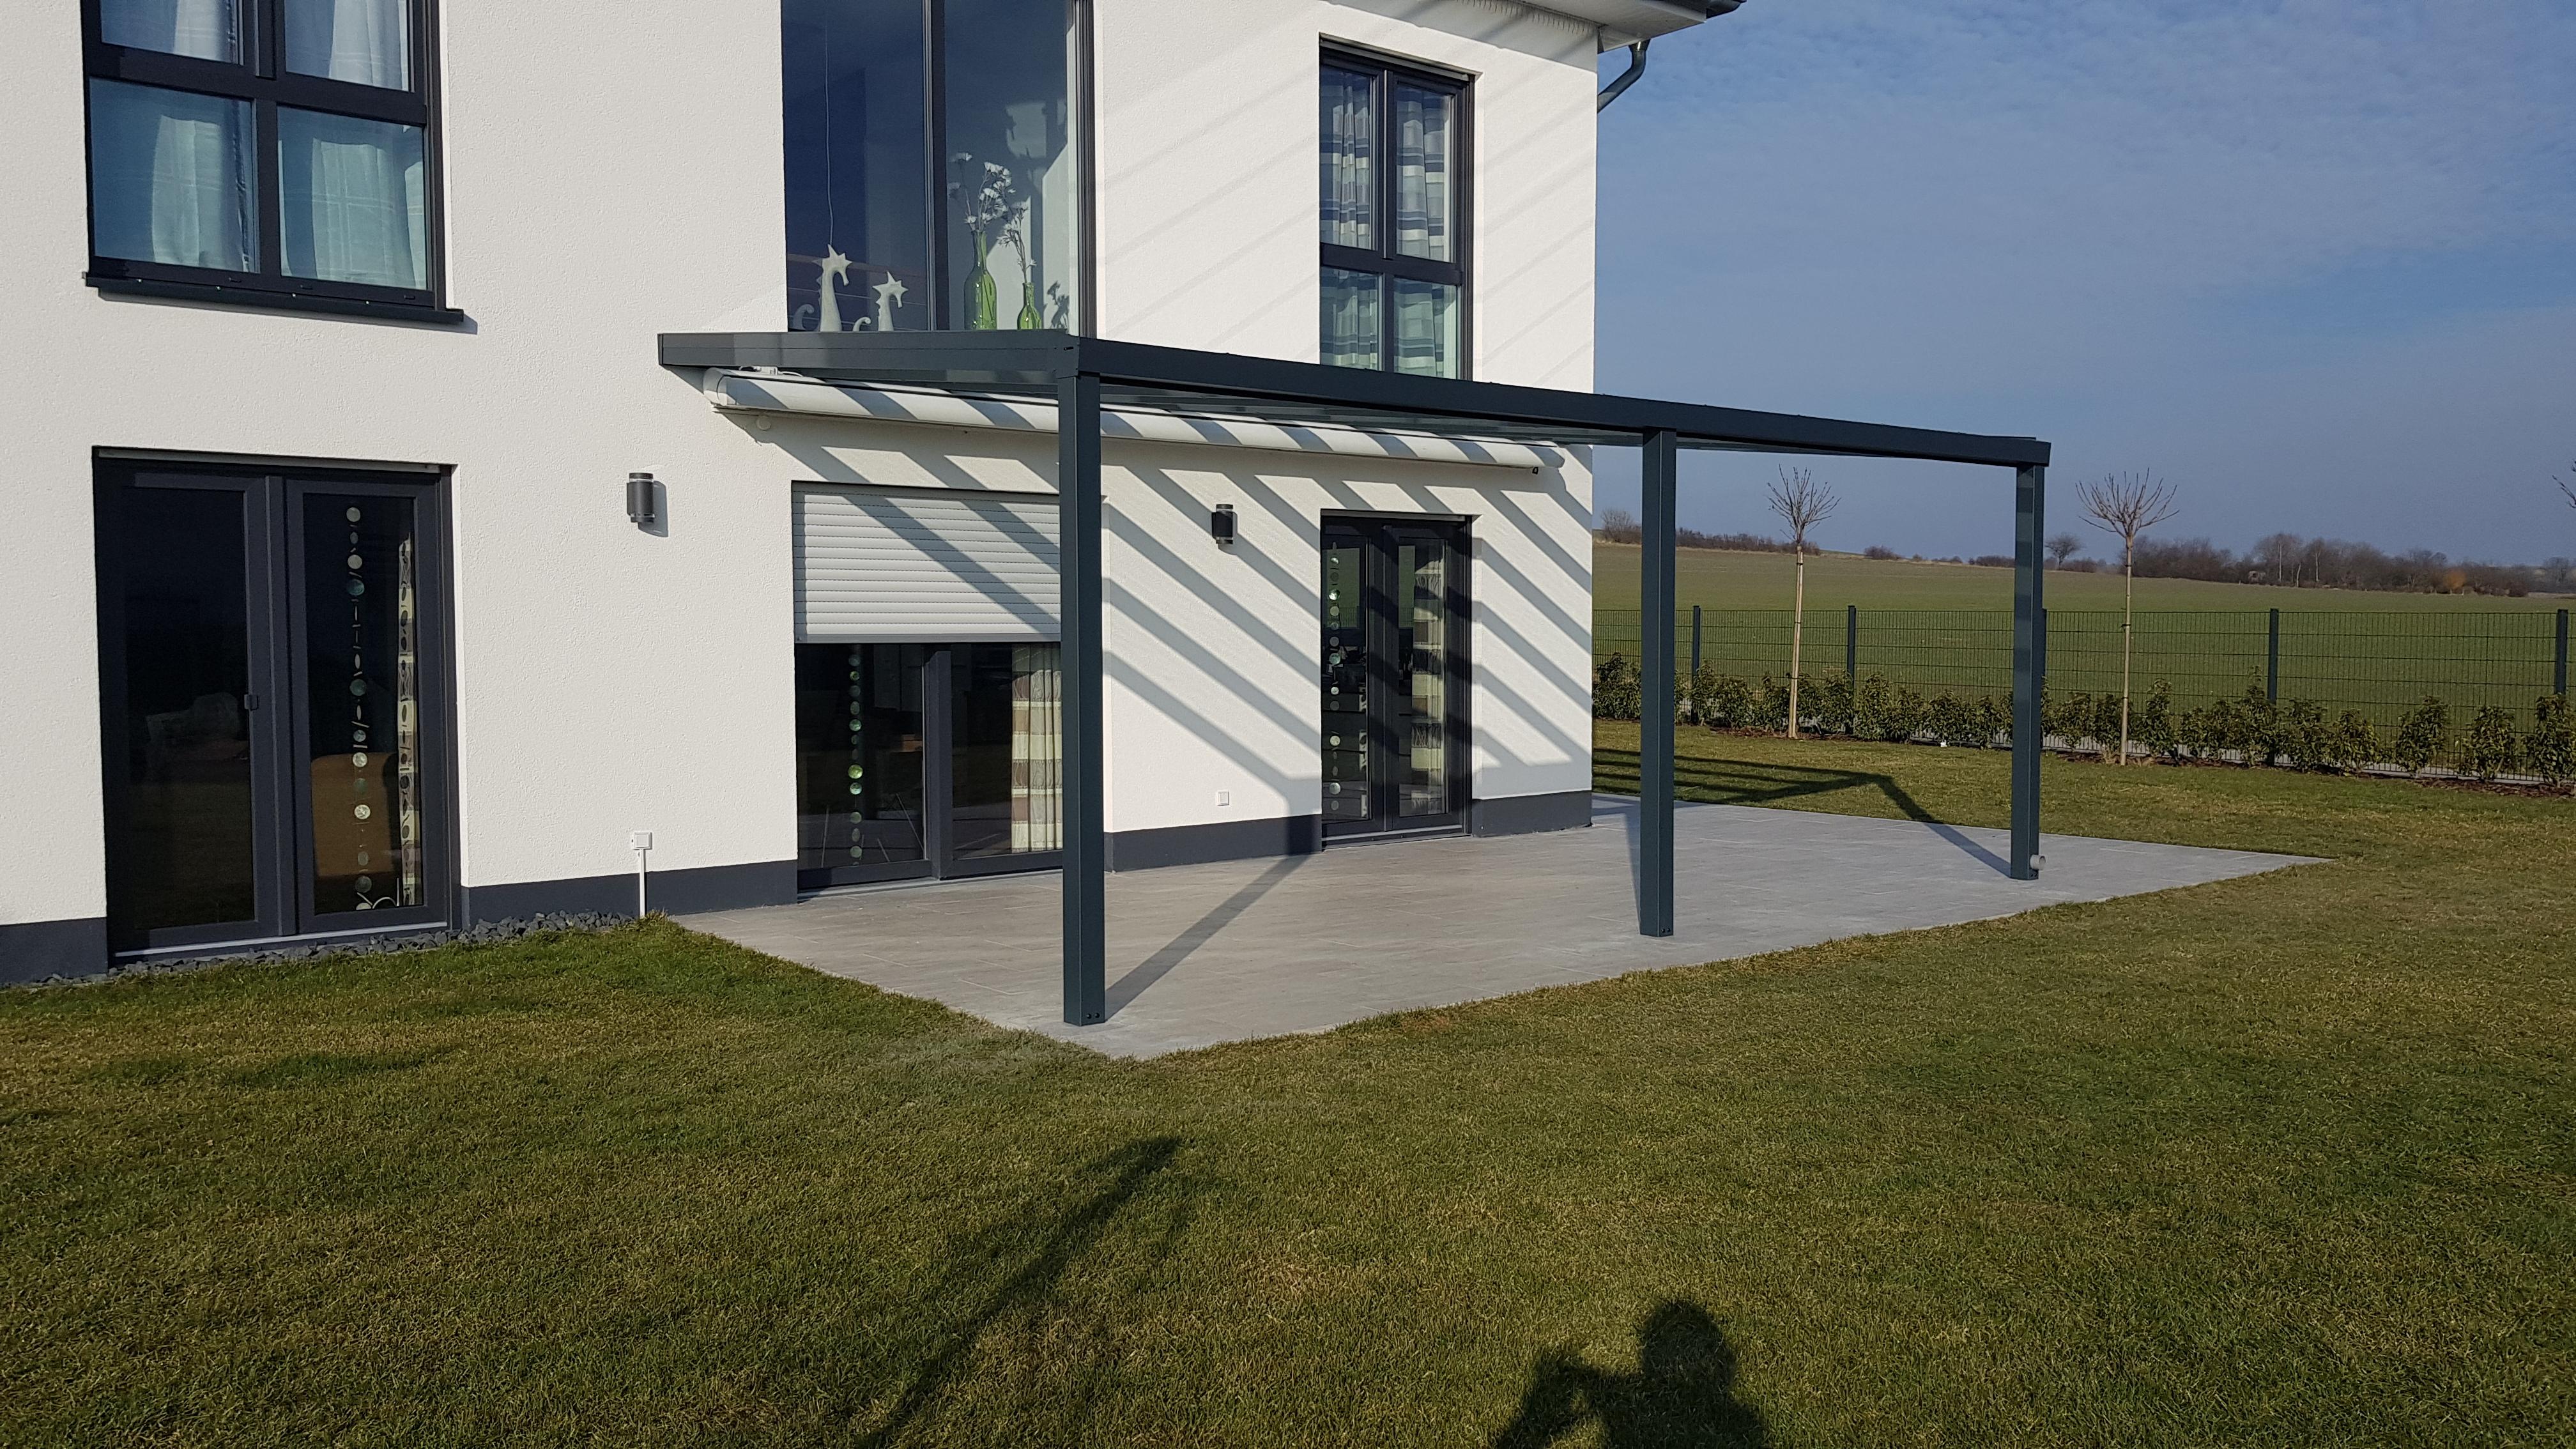 ma anfertigung von hochwertigen aluminium terrassen berdachungen wahlweise mit. Black Bedroom Furniture Sets. Home Design Ideas